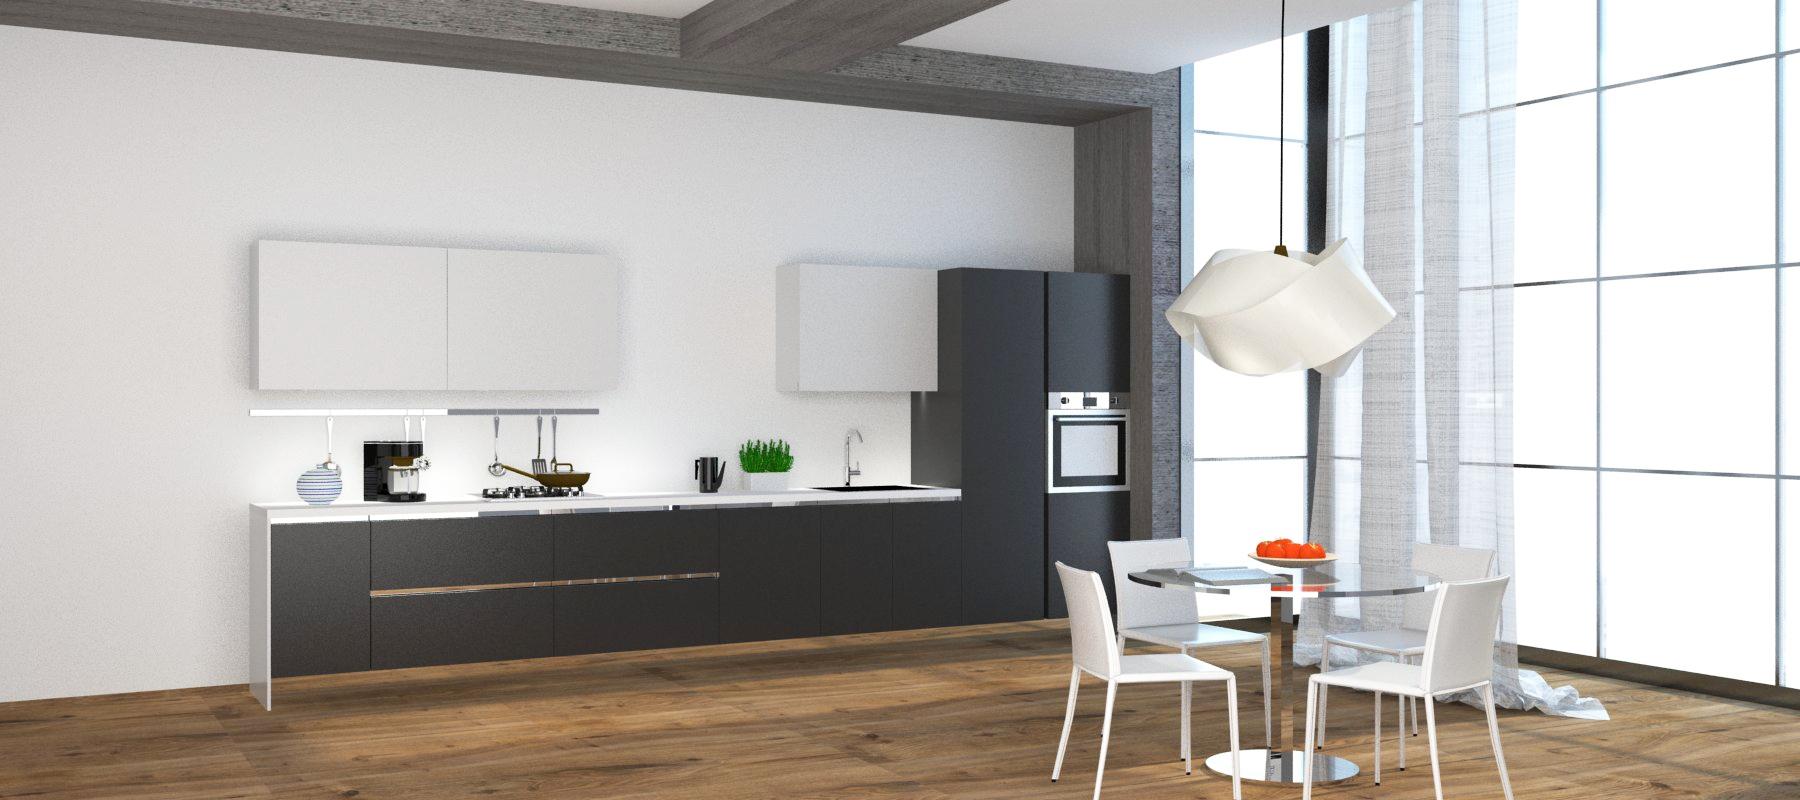 Cucina lineare con colonna frigo e colonna forno nuova a - Cucina con elettrodomestici ...